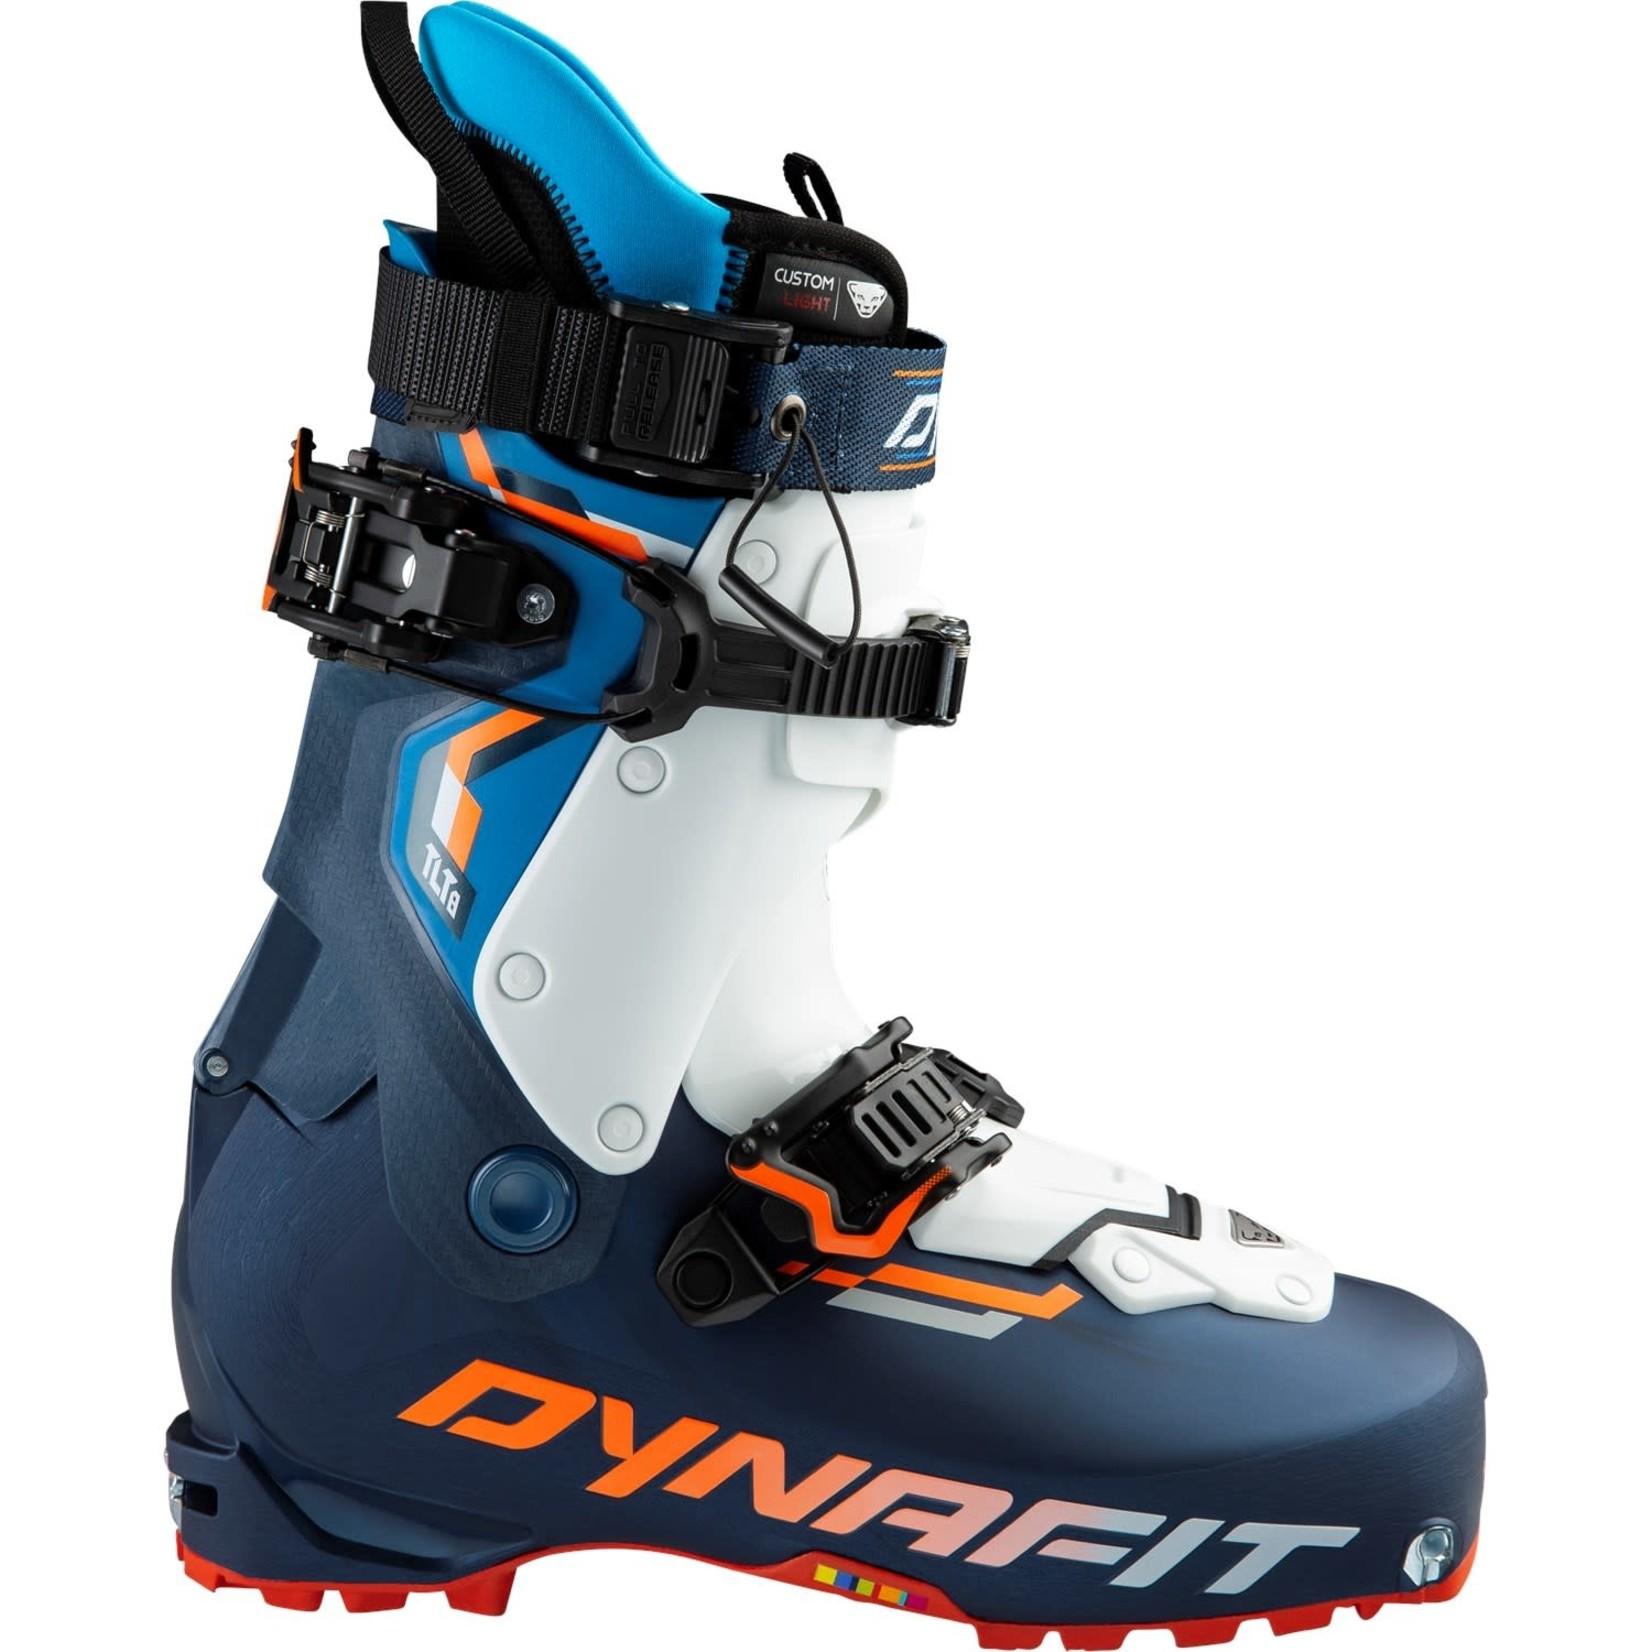 Dynafit Botte de ski Dynafit TLT8 Expedition - Homme